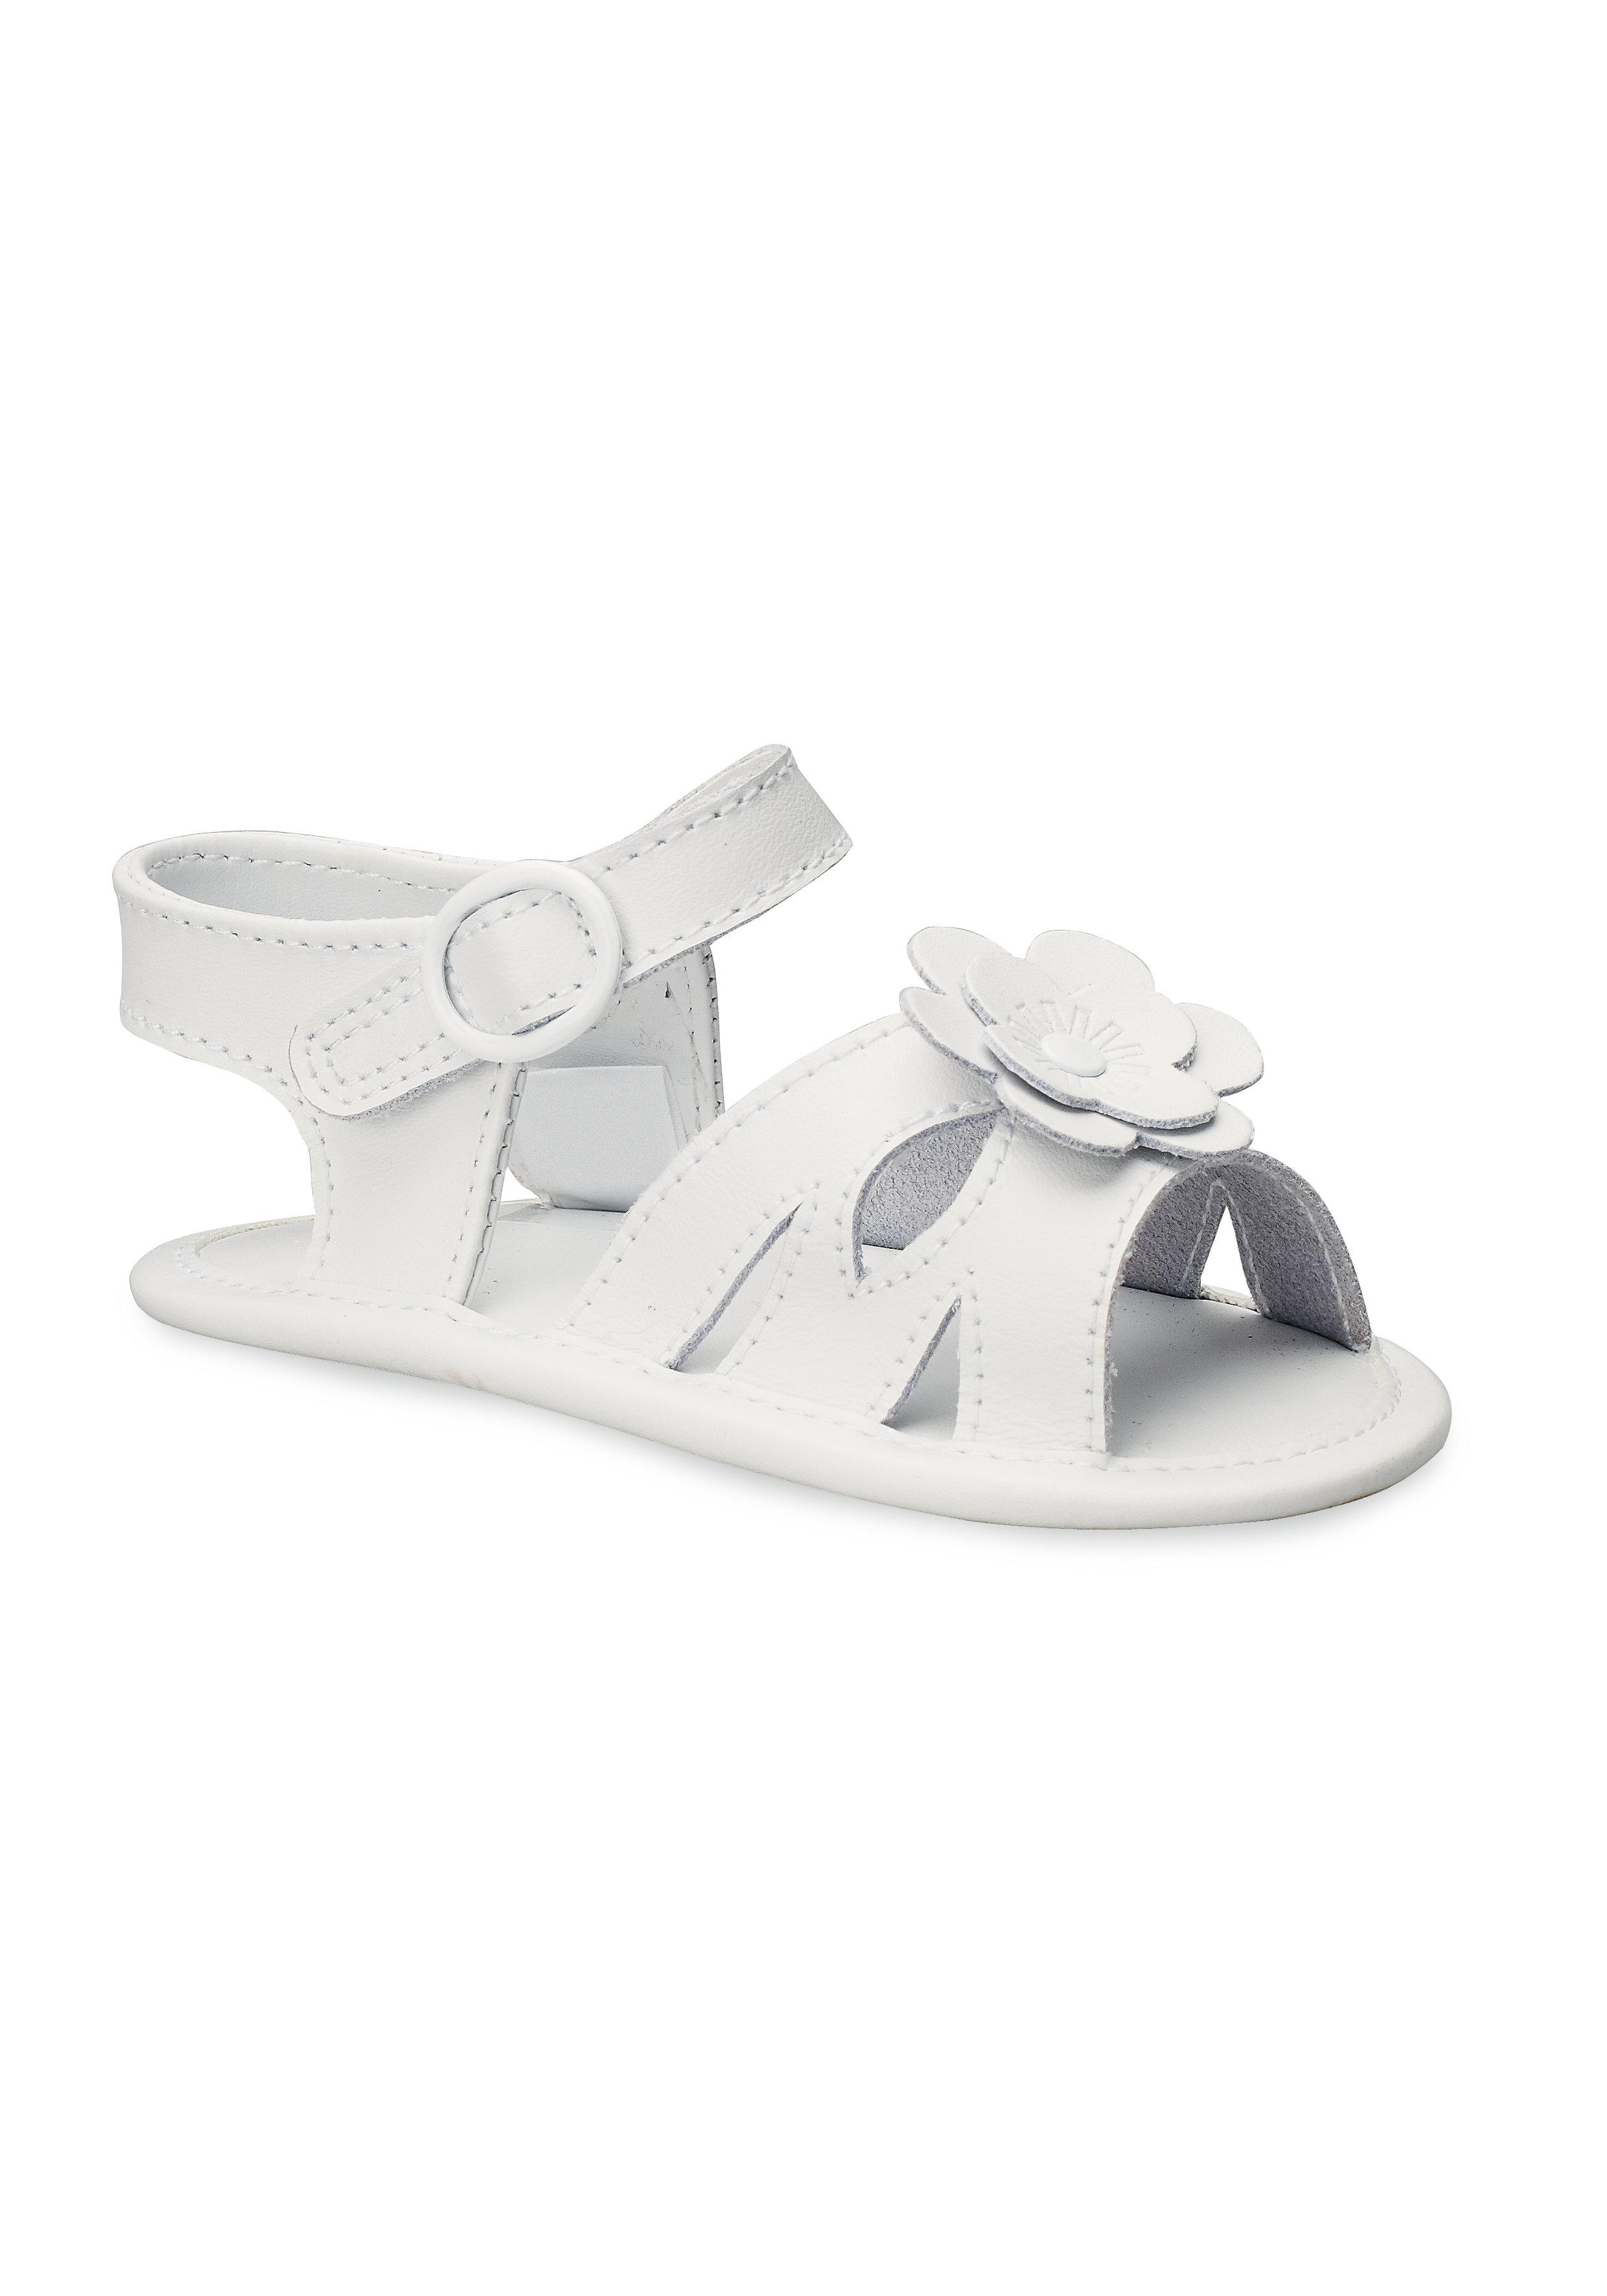 Mothercare   Girls Sandal - White